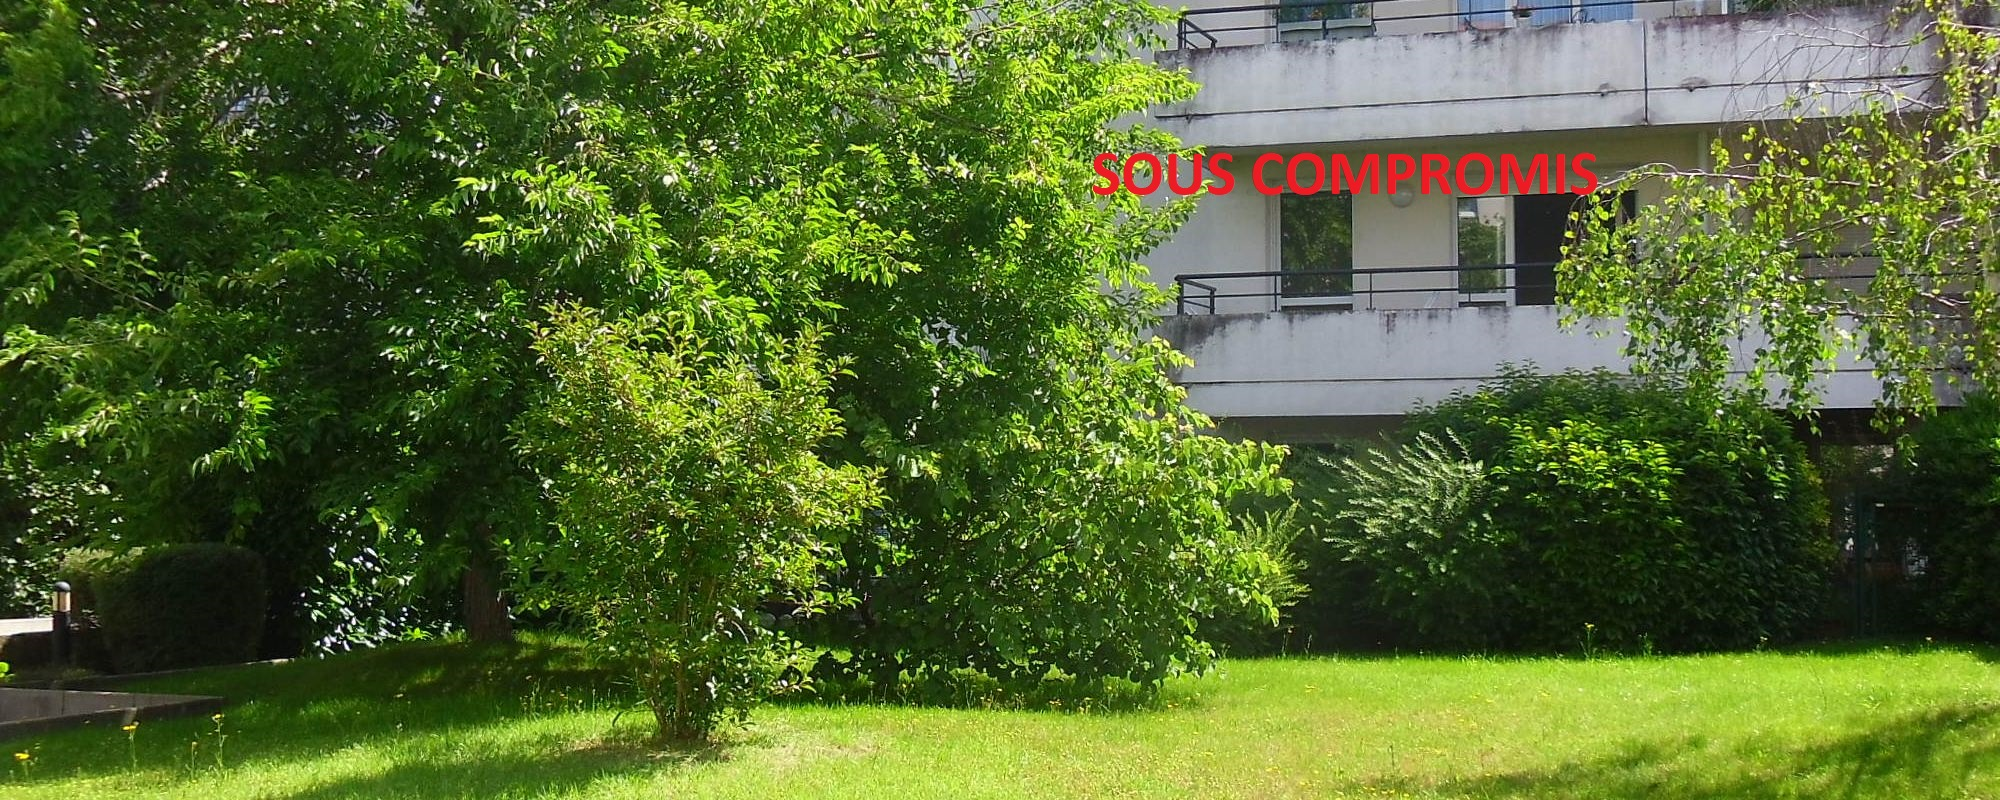 Appartement 71m² – balcon – garage en sous-sol